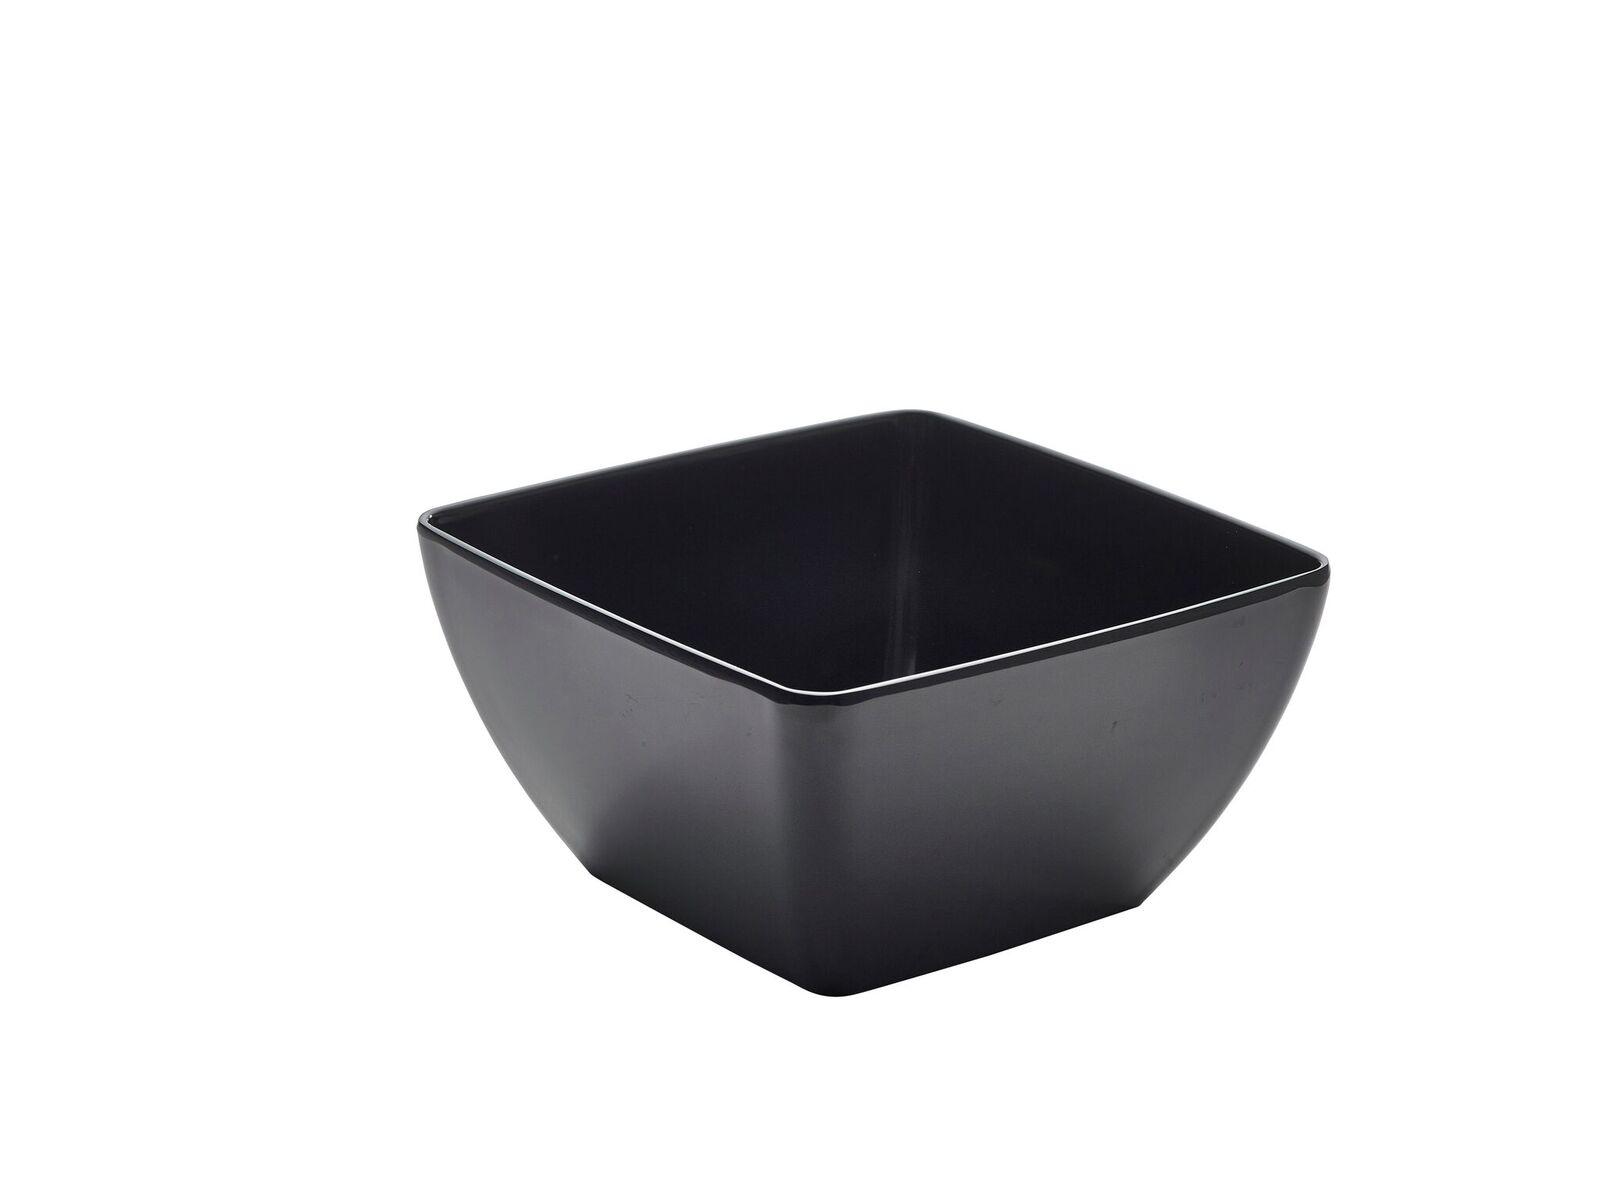 Black & White Melamine Bowls